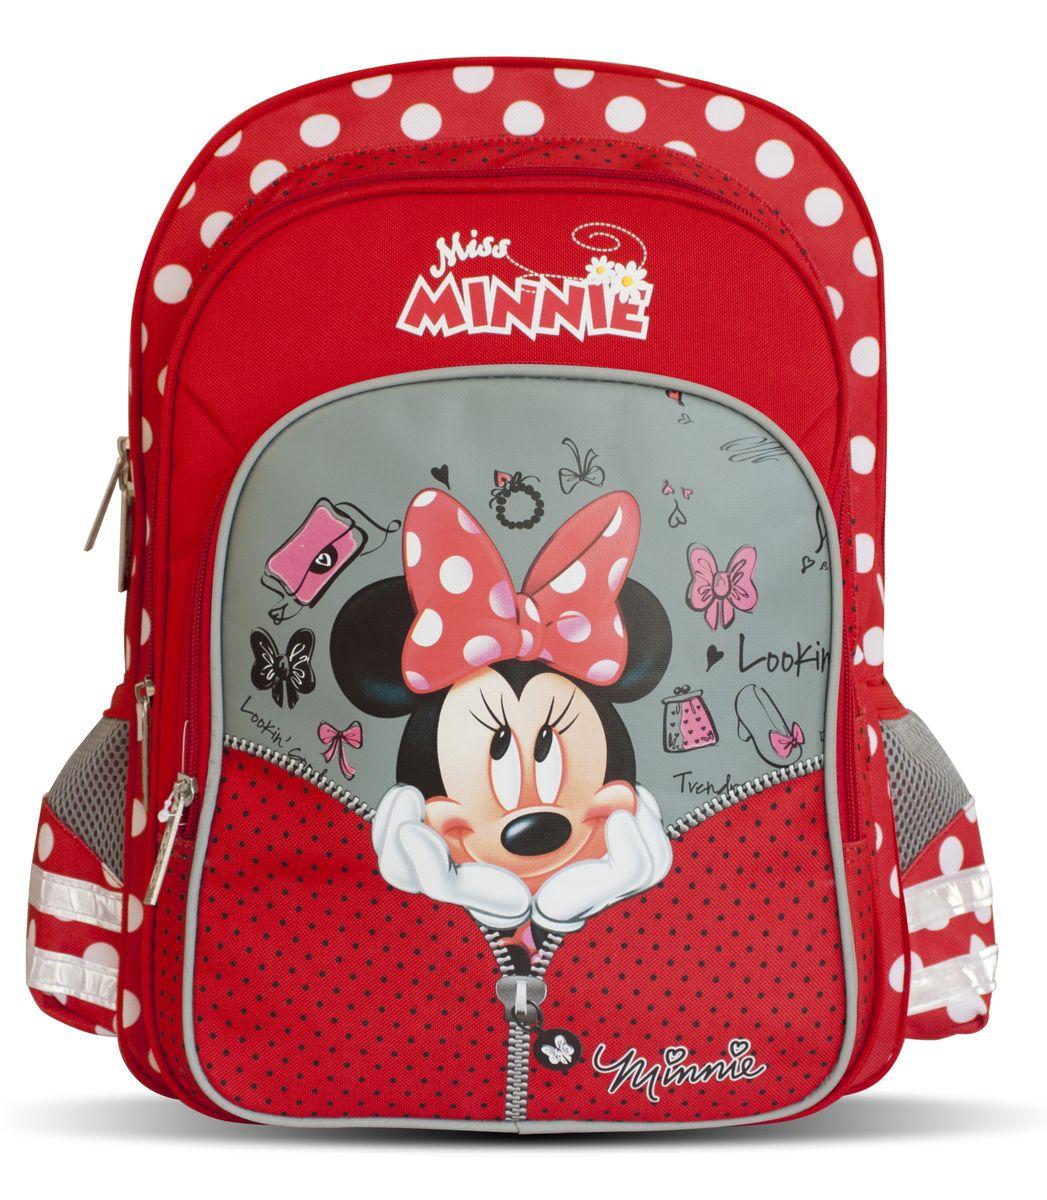 Disney Рюкзак детский Miss Minnie29134Детский рюкзак Disney Miss Minnie идеален для начальной школы.Рюкзак имеет одно вместительное отделение, закрывающееся на застежку-молнию. Внутри отделения находится мягкая перегородка для учебников или тетрадей, которая фиксируется хлястиком на липучке. Дно рюкзака можно сделать более устойчивым, разложив специальную панель. На лицевой стороне размещается большой карман на молнии, внутри которого находятся четыре небольших открытых кармашка. За этим карманом располагается еще один карман на молнии, подходящий для тетрадей формата А4. Два боковых кармашка на резинках пригодятся для мелких предметов.Удобная ортопедическая спинка, созданная по специальной технологии из дышащего плотного и мягкого поролона, равномерно распределяет нагрузку на позвоночник. Мягкие анатомические регулируемые лямки оберегают плечи ребенка от натирания. Светоотражающие элементы, расположенные на лямках и карманах, повышают безопасность ребенка на дороге в темное время суток. Рюкзак имеет прорезиненную ручку, удобную для переноски рюкзака в руке или размещения на вешалке. Аксессуар декорирован изображением знаменитой Минни Маус.